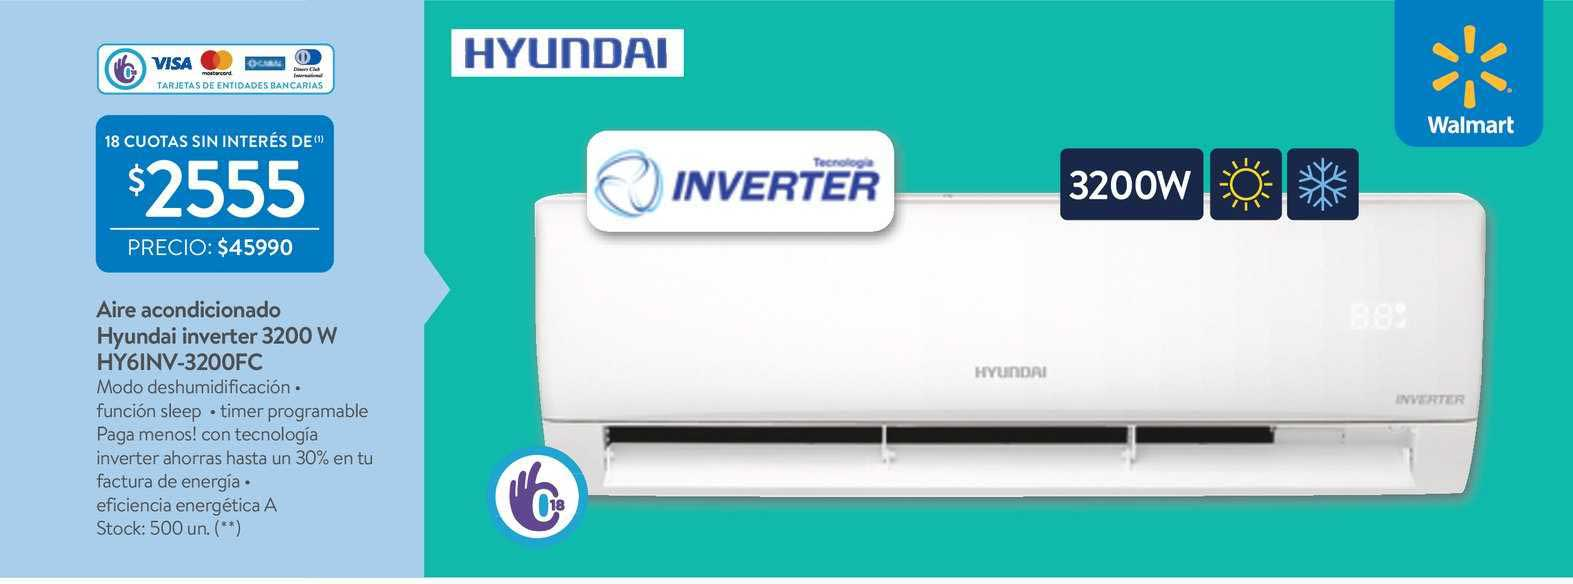 Walmart Aire Acondicionado Hyundai Inverter 3200 W